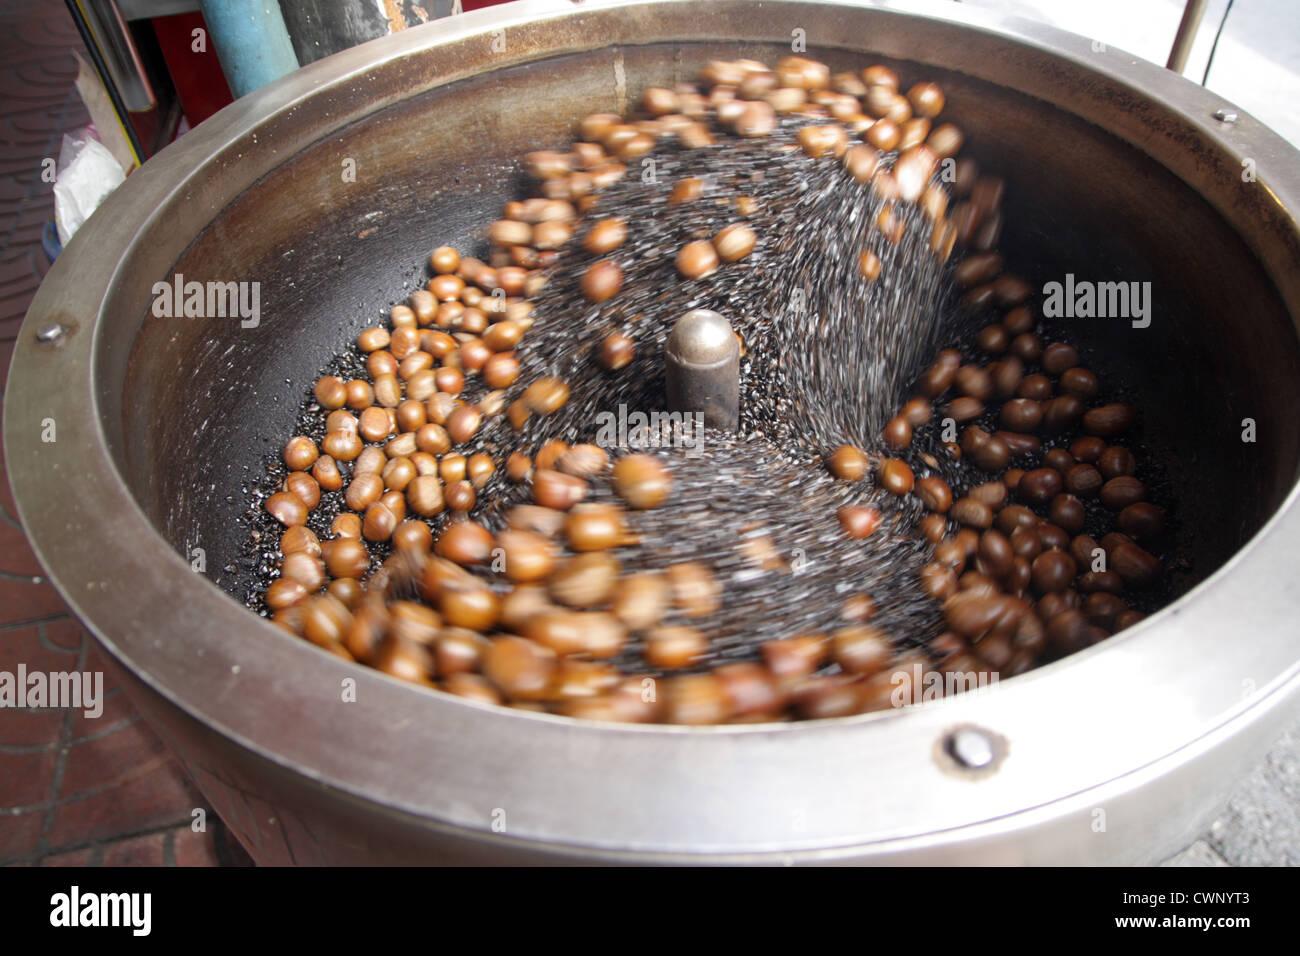 Châtaignes grillées à la vente dans le quartier chinois de Bangkok , Thaïlande Photo Stock